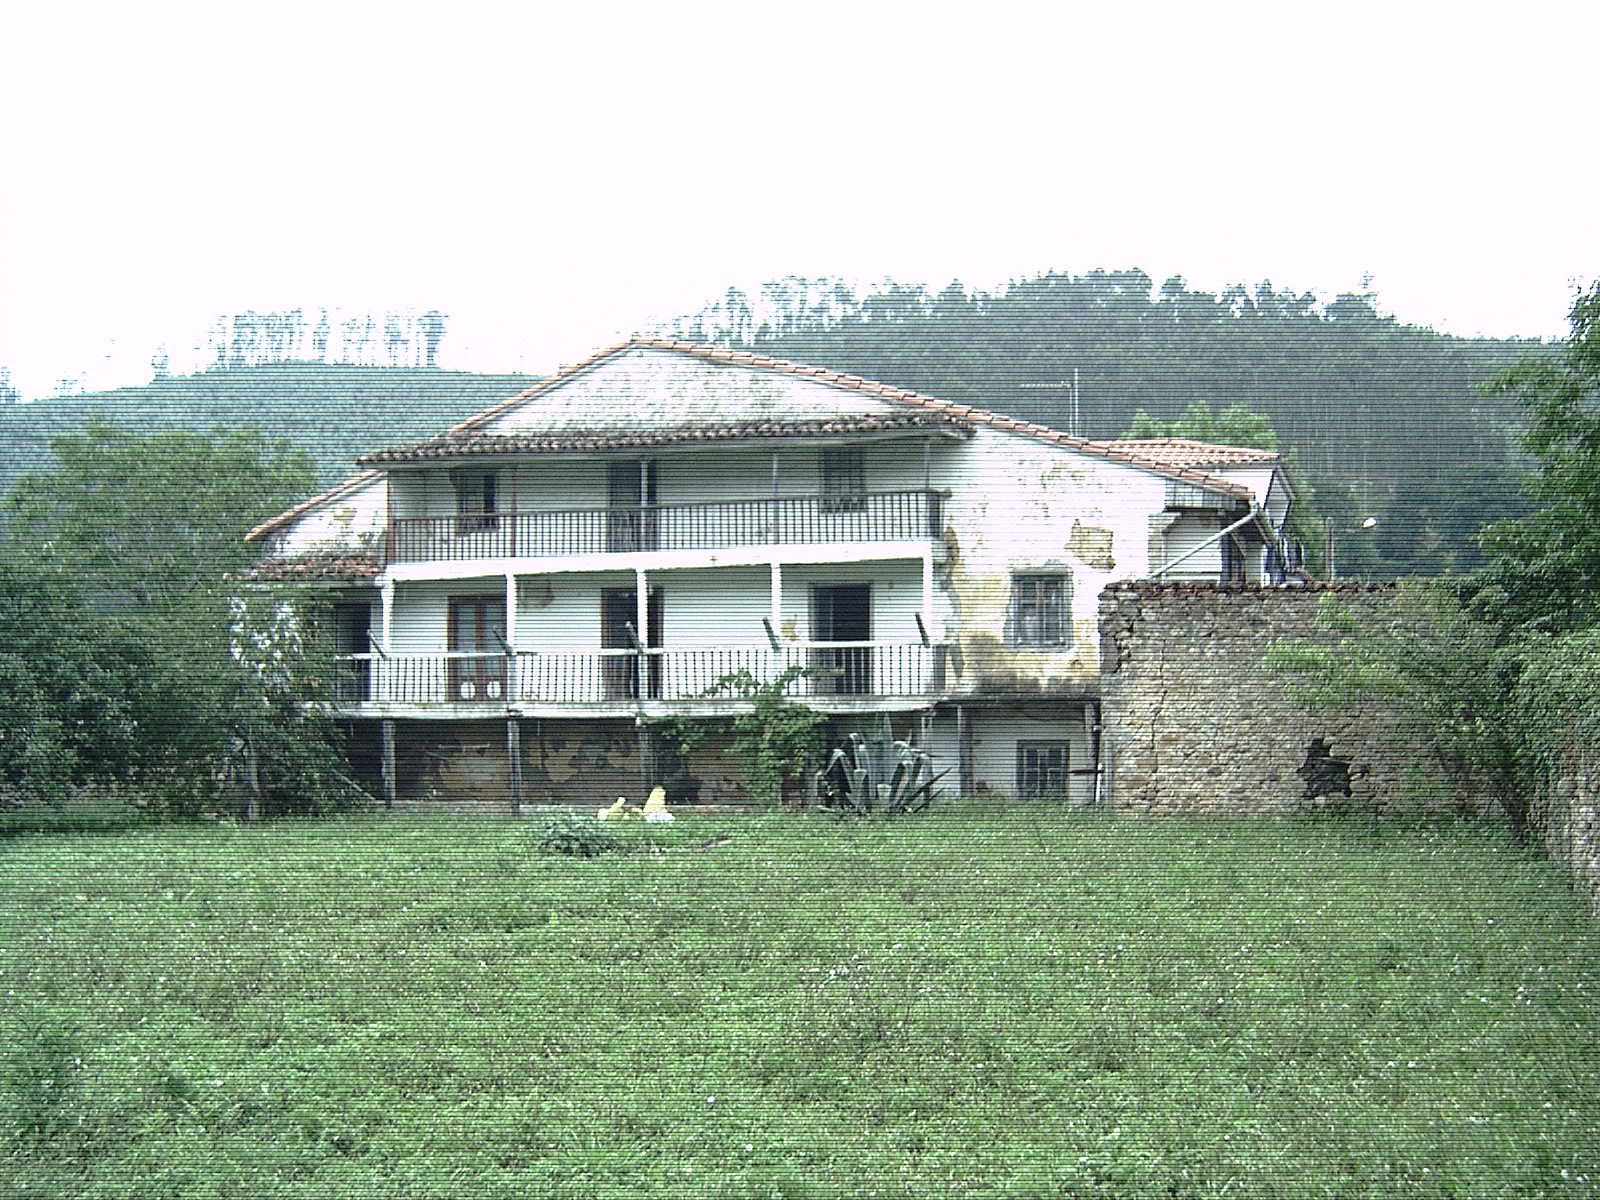 El blog de sobrasdeobras reforma de una casa de pueblo en - Casas gratis en pueblos de espana ...